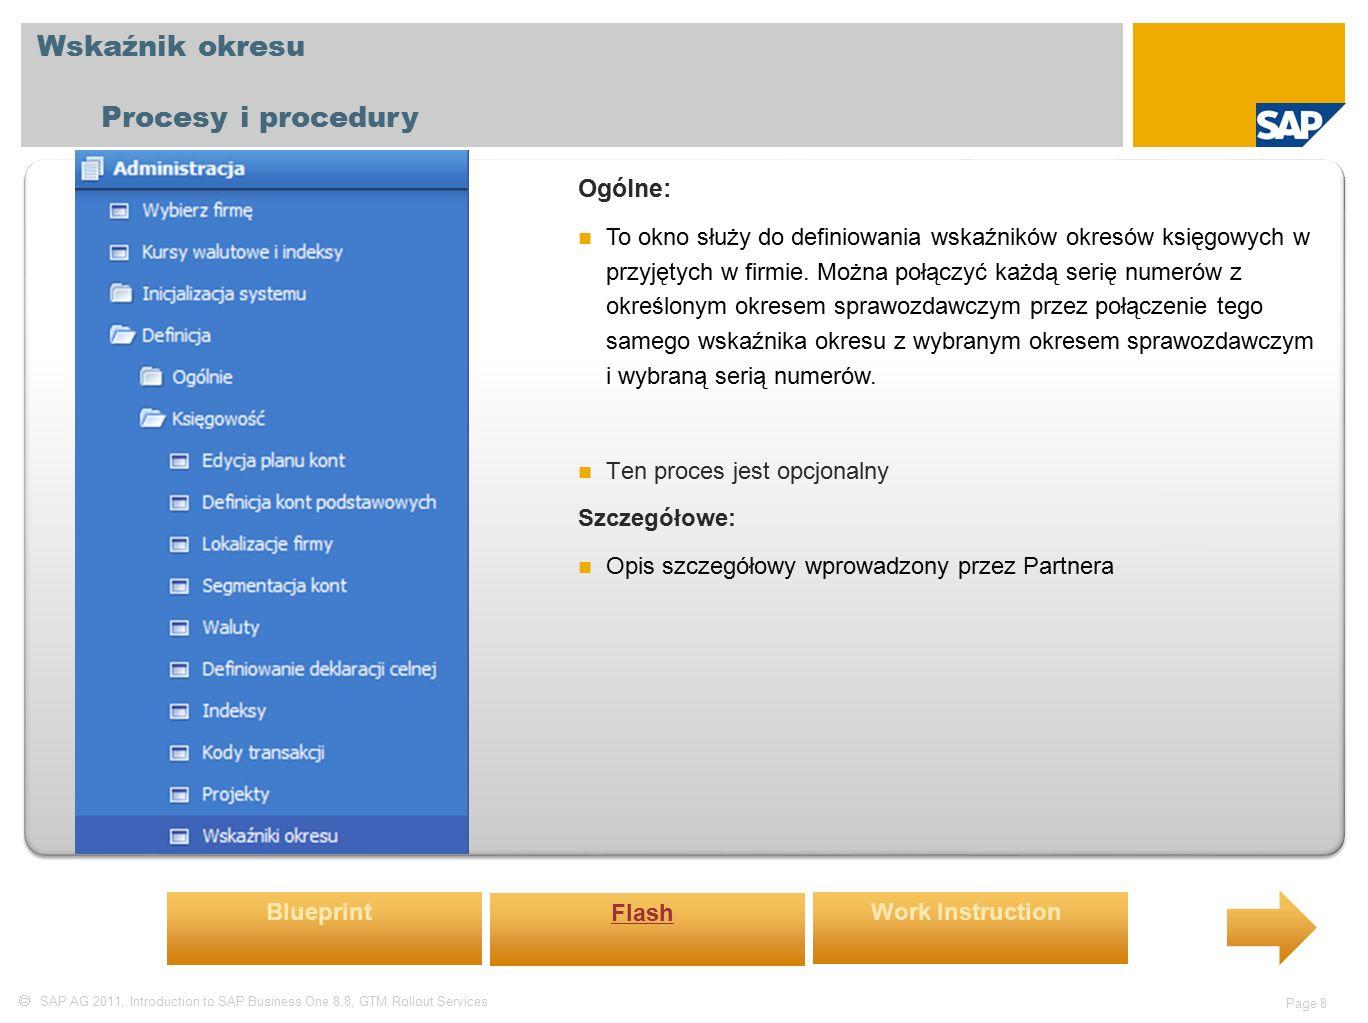  SAP AG 2011, Introduction to SAP Business One 8.8, GTM Rollout Services Page 8 Wskaźnik okresu Procesy i procedury Ogólne: To okno służy do definiowania wskaźników okresów księgowych w przyjętych w firmie.